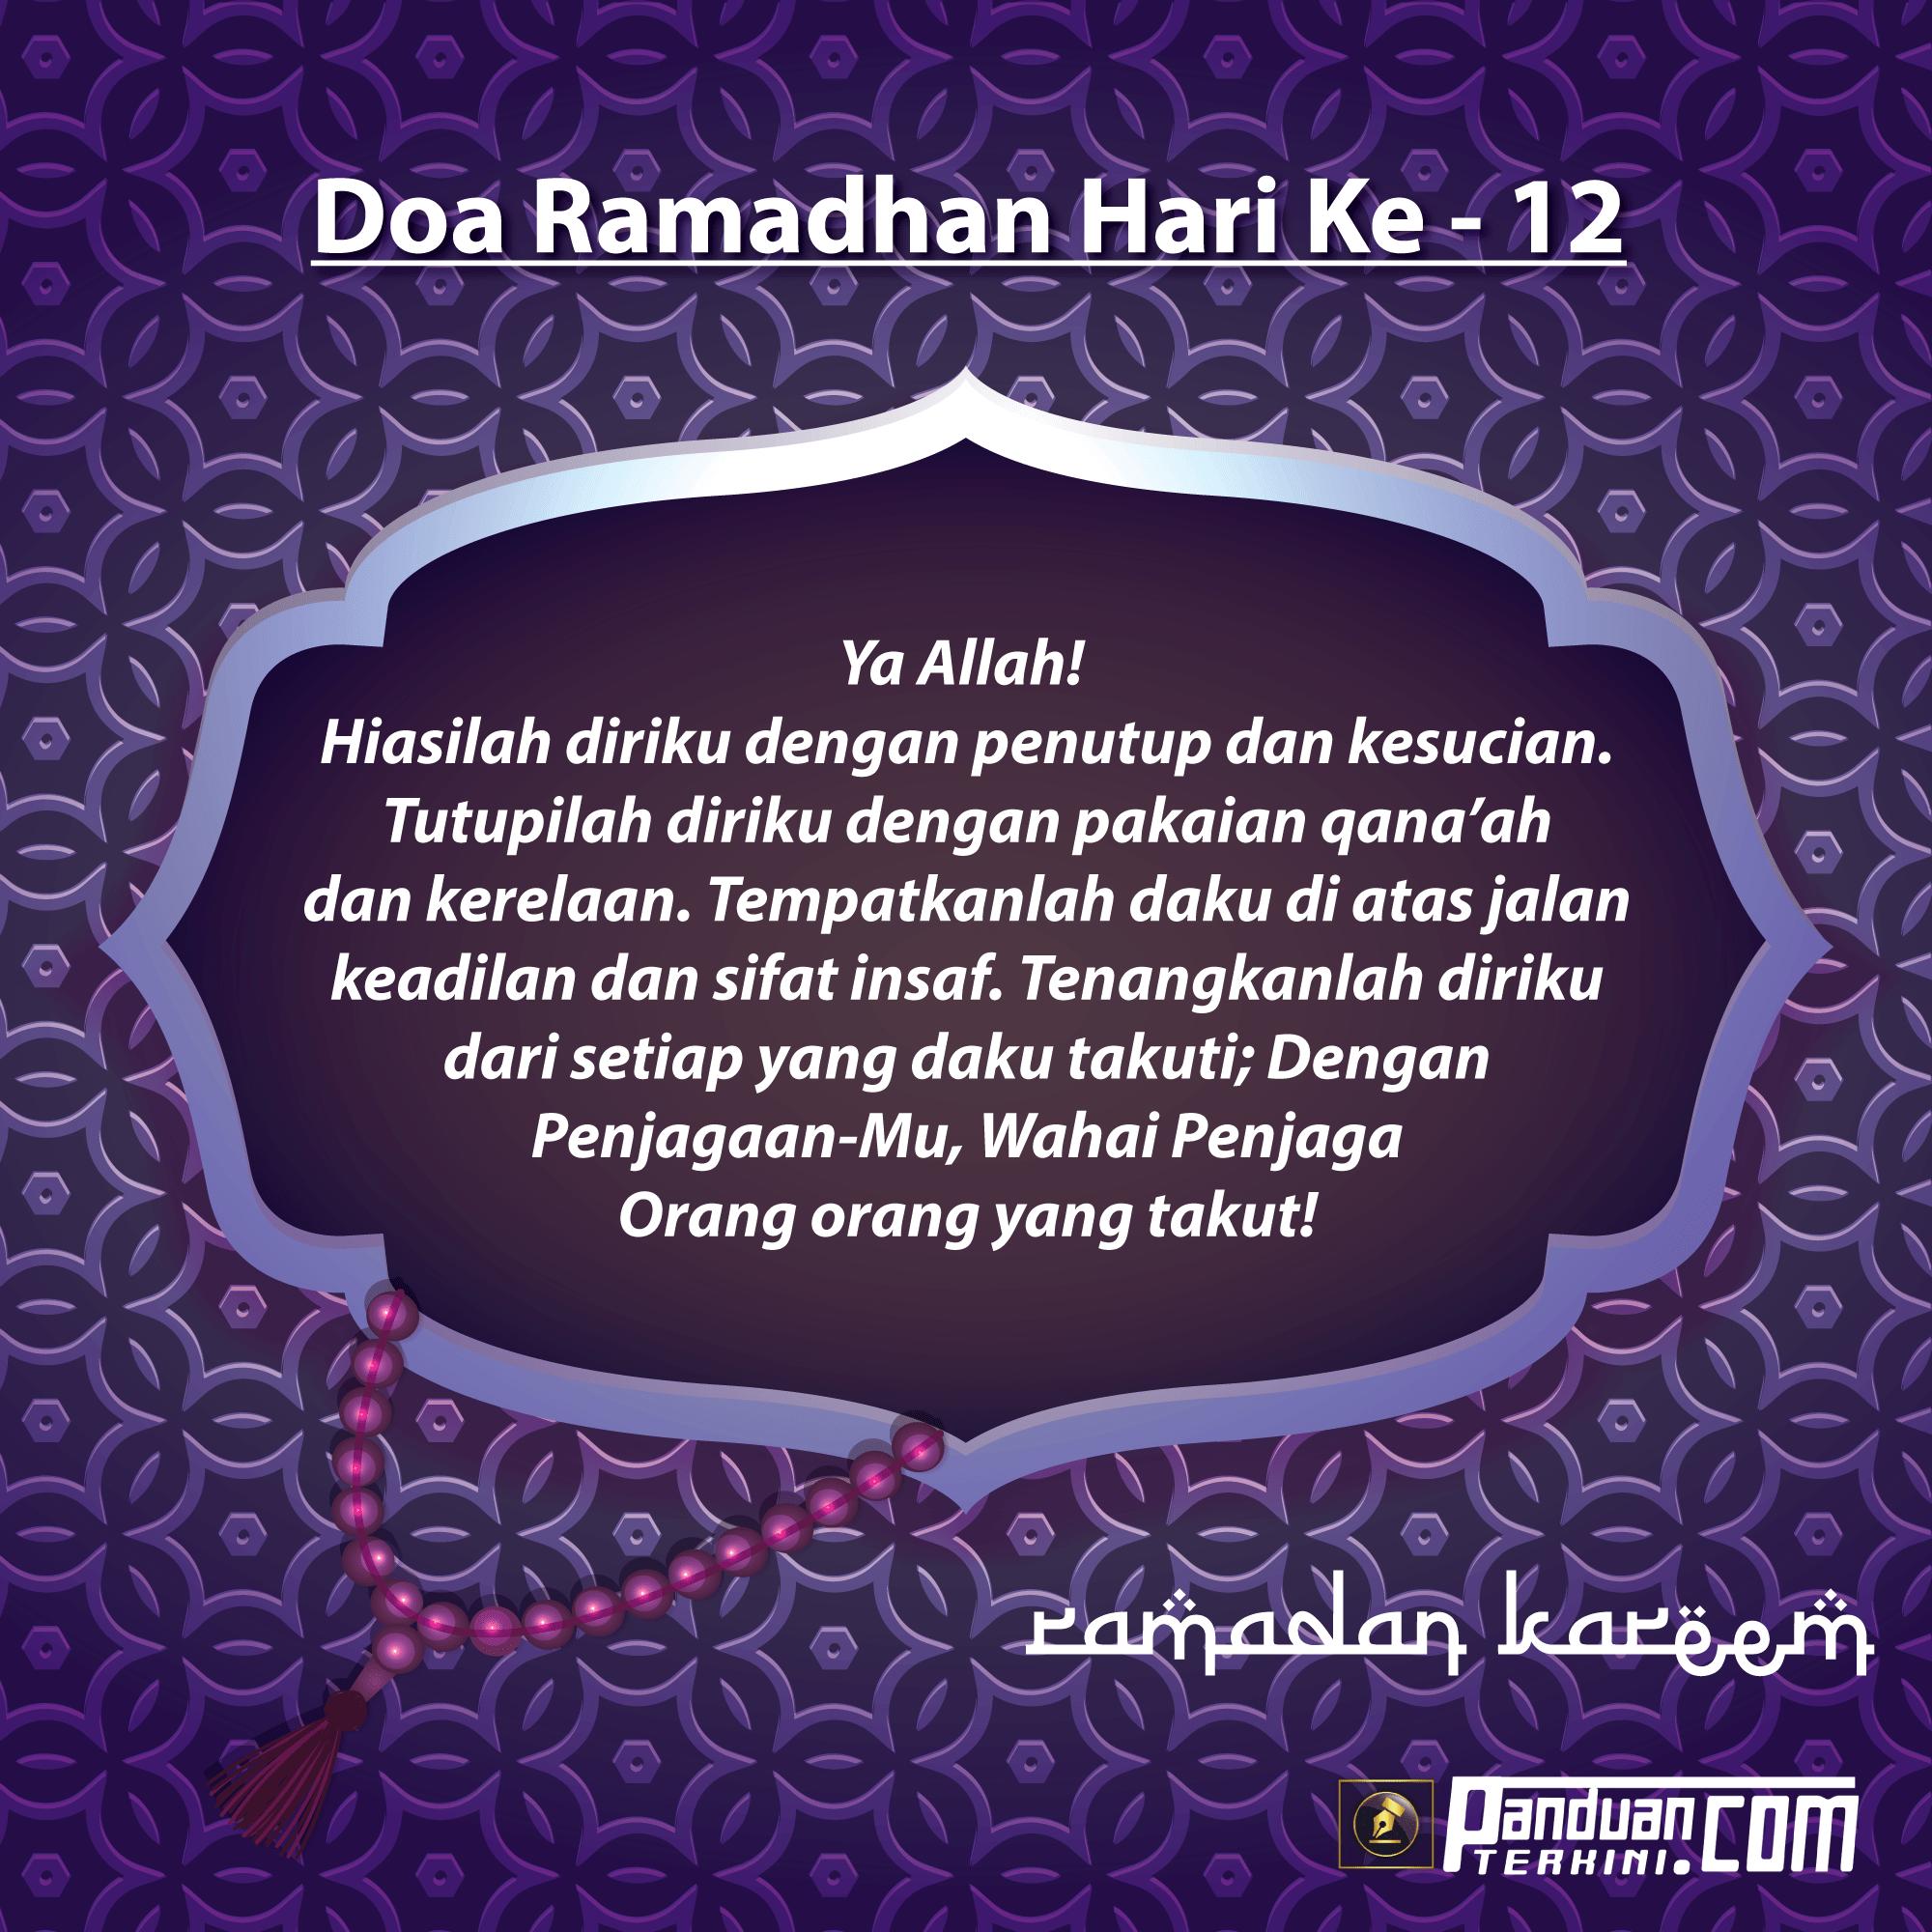 Doa Ramadhan Hari Ke-12